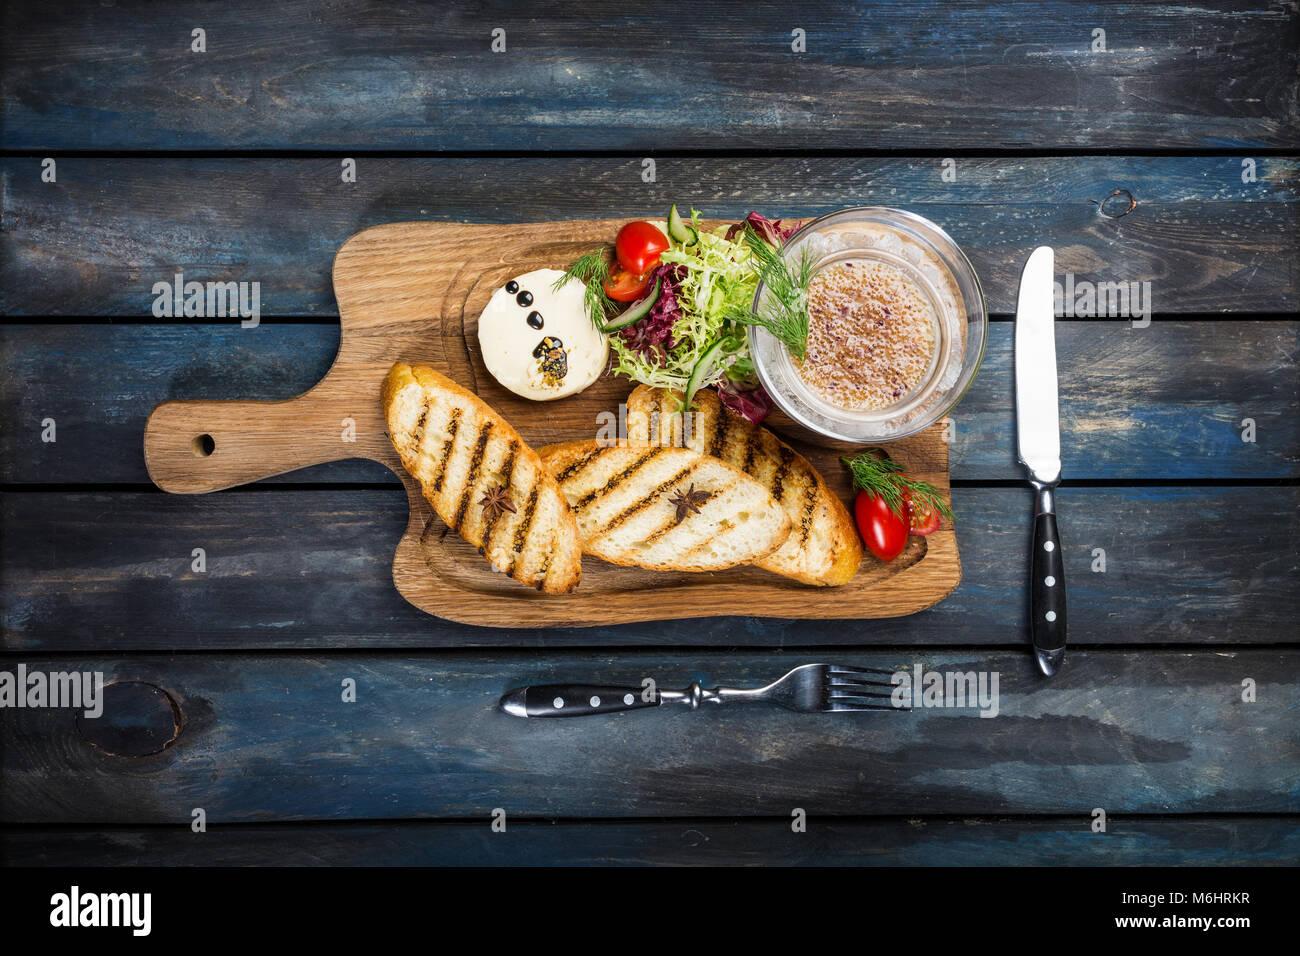 Tostadas con mantequilla y caviar servidos con cubertería sobre un fondo de madera Imagen De Stock